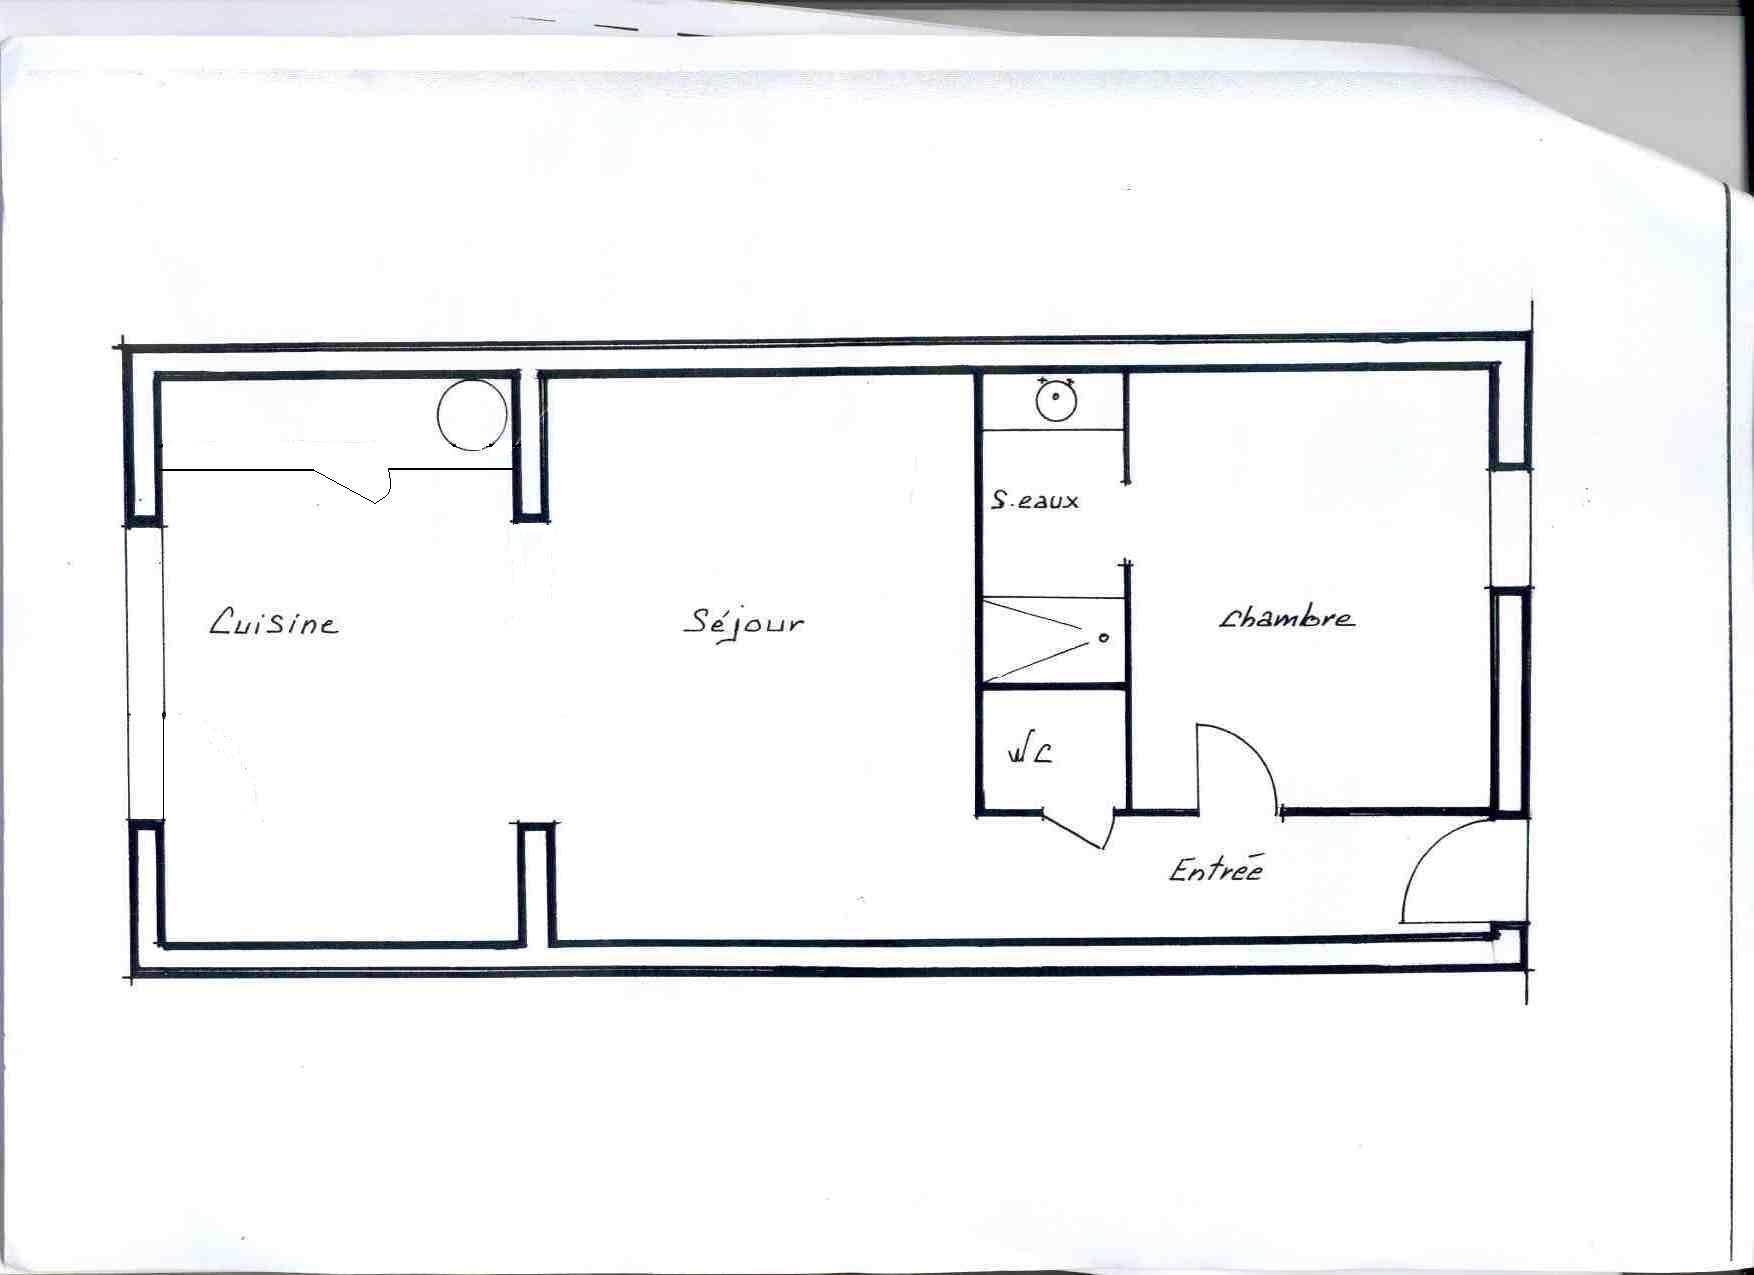 Ma maison mes travaux avant les travaux for Agrandissement maison moins de 40m2